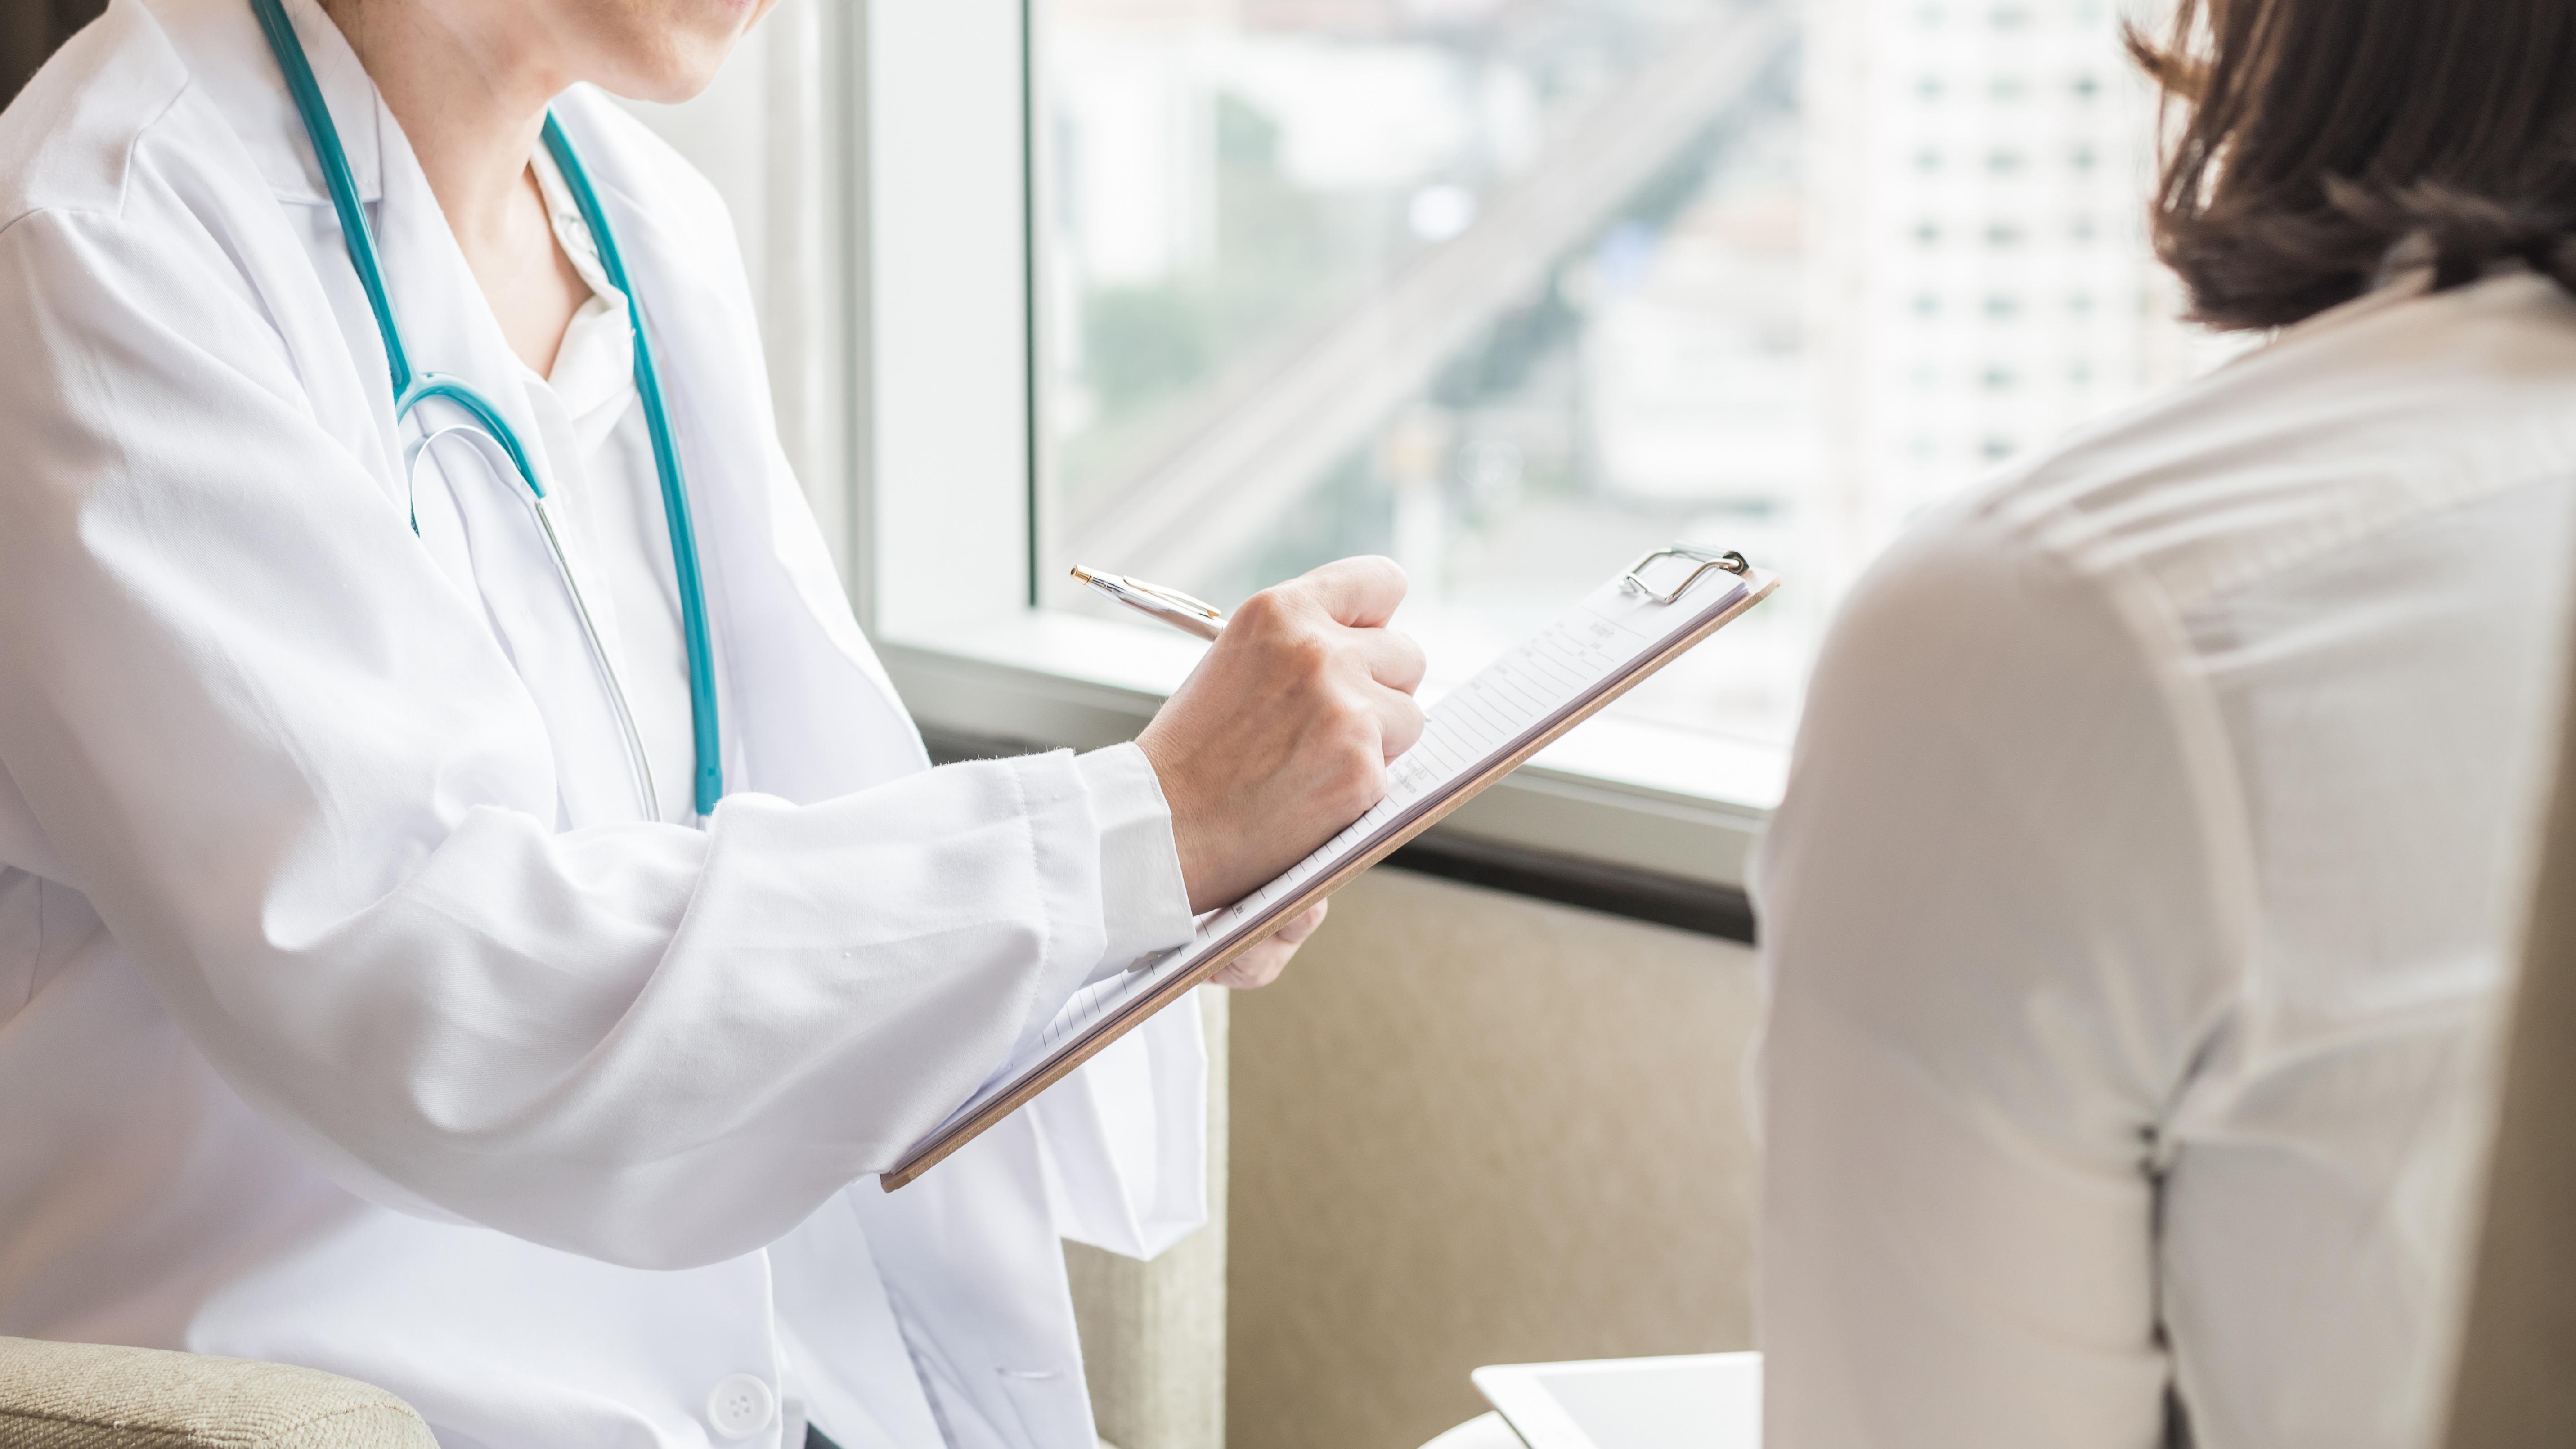 Une hormonothérapie de la ménopause suivie à partir de 50 ans et durant 5 ans augmente l'incidence du cancer du sein d'environ un cas supplémentaire sur 50.